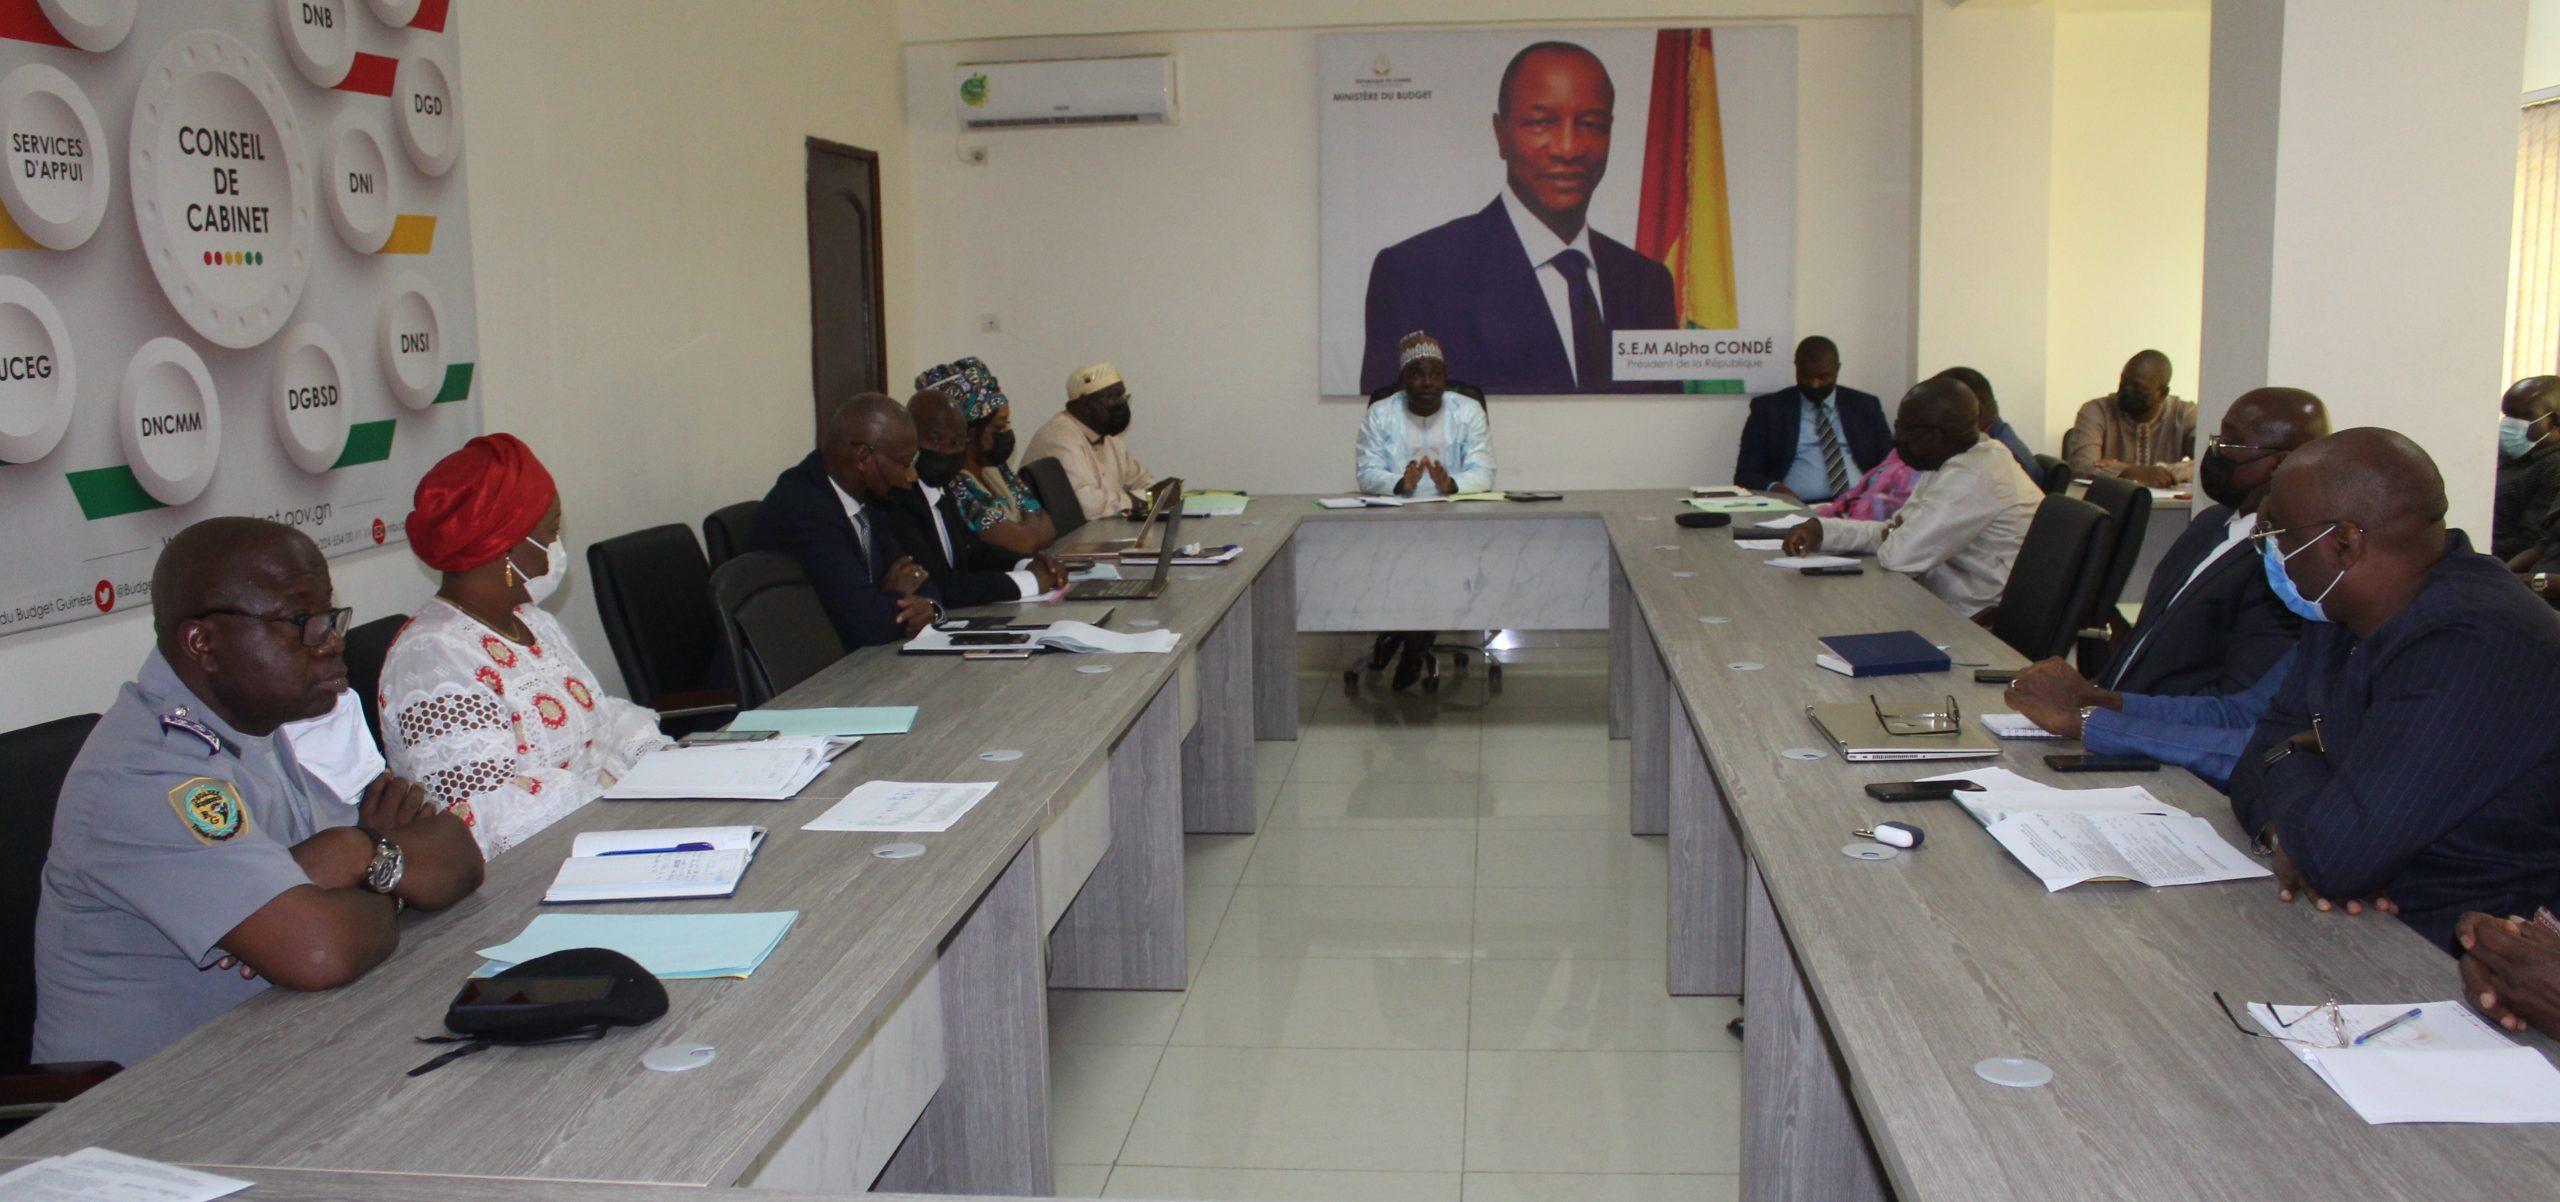 Compte rendu de la réunion de Cabinet Hebdomadaire du Ministère du Budget de ce lundi 26 avril 2021